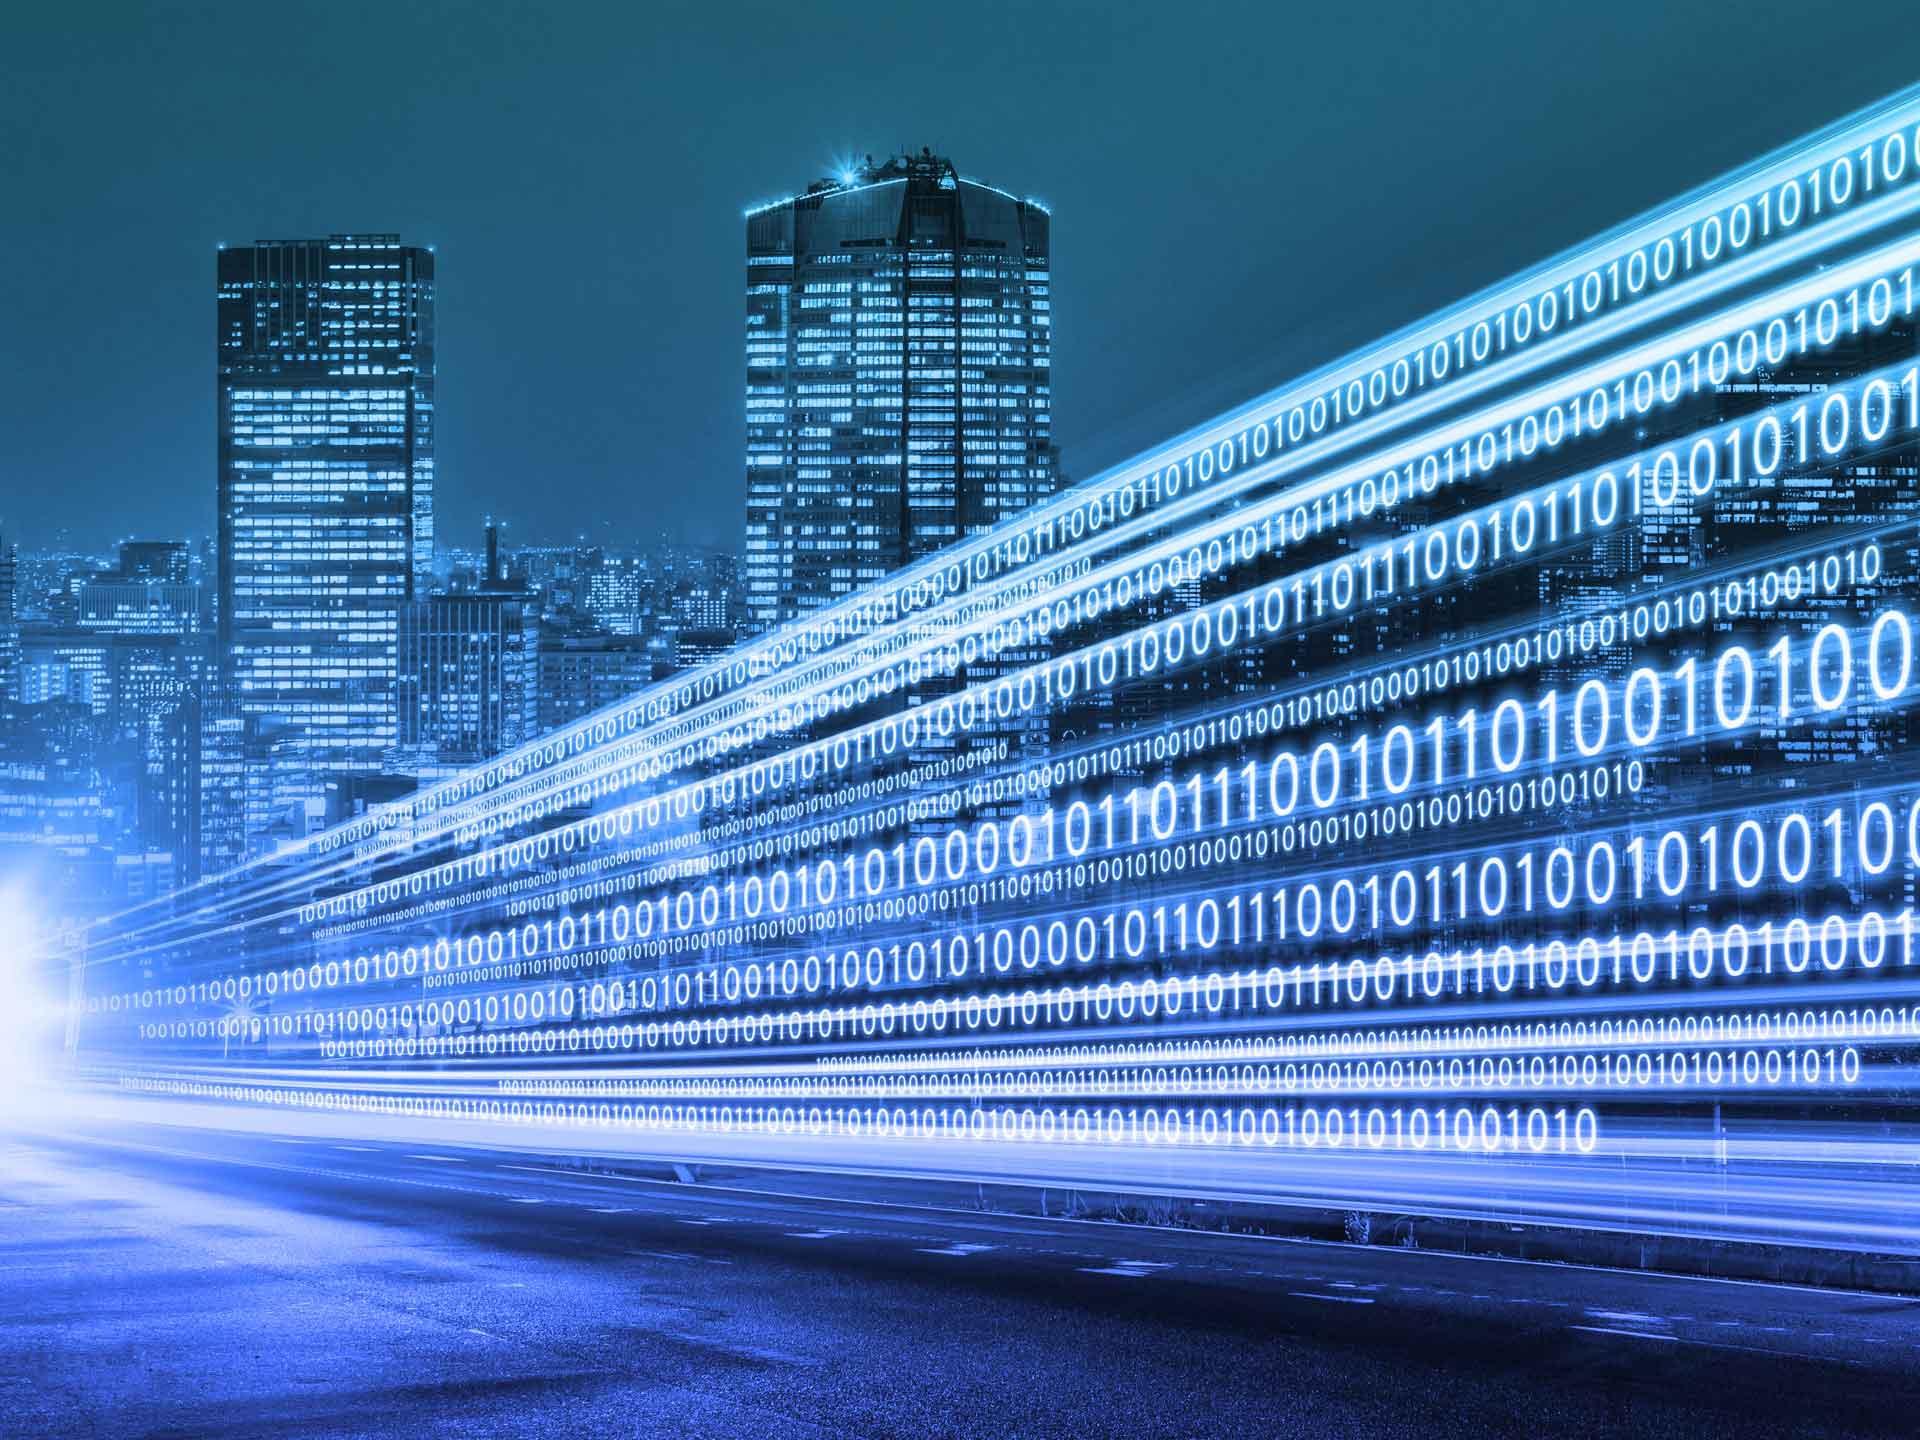 Veränderung als Erfolgshebel | Digitalisierung | Innovation